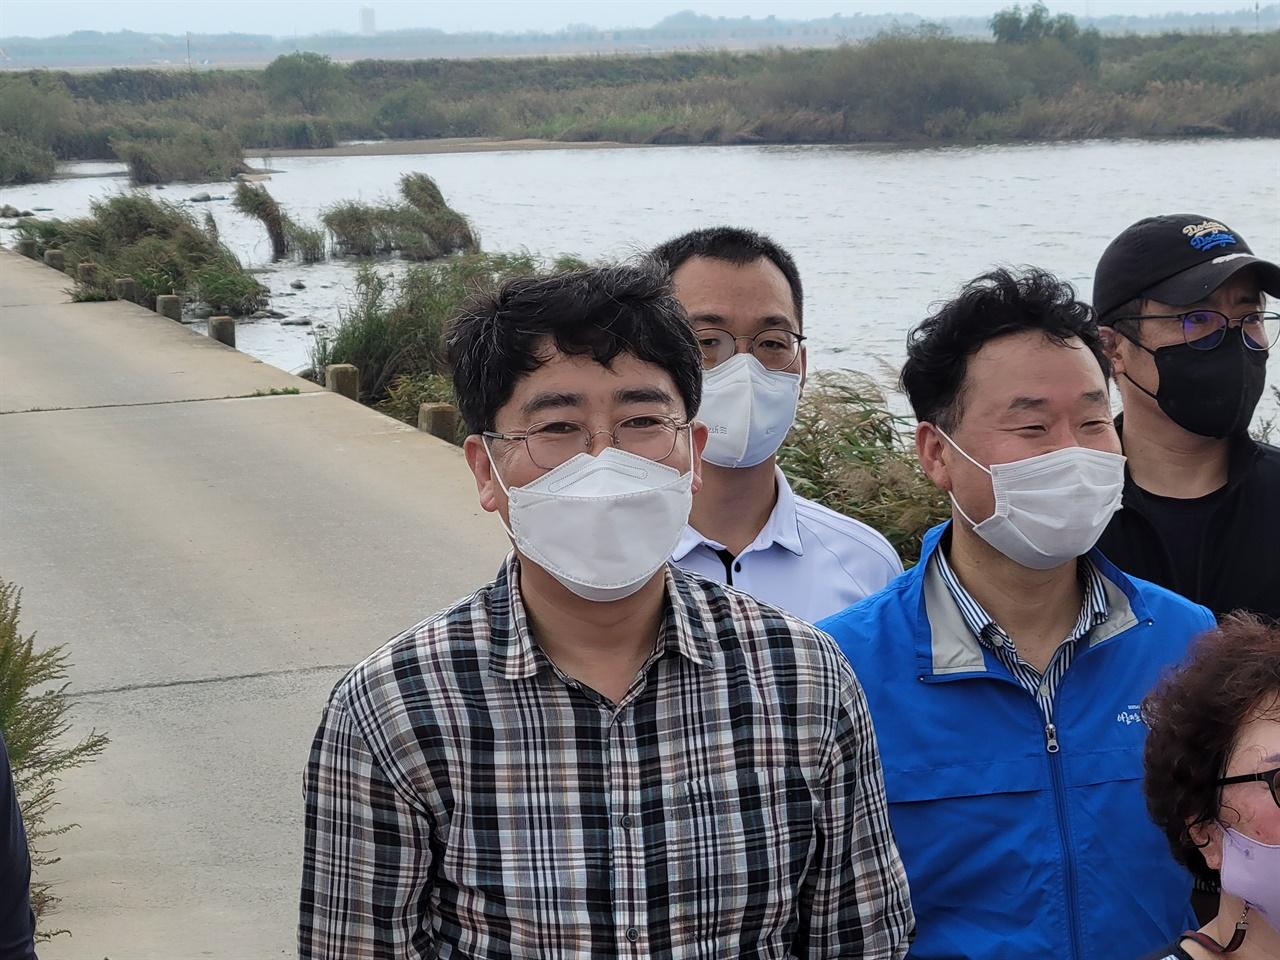 서산태안환경운동연합에서 사무국장을 지낸 맹 시장은 쓰레기 청소가 끝난 후, 천수만 주변에서 철새 기행에 대해 설명해 주기도 했다.